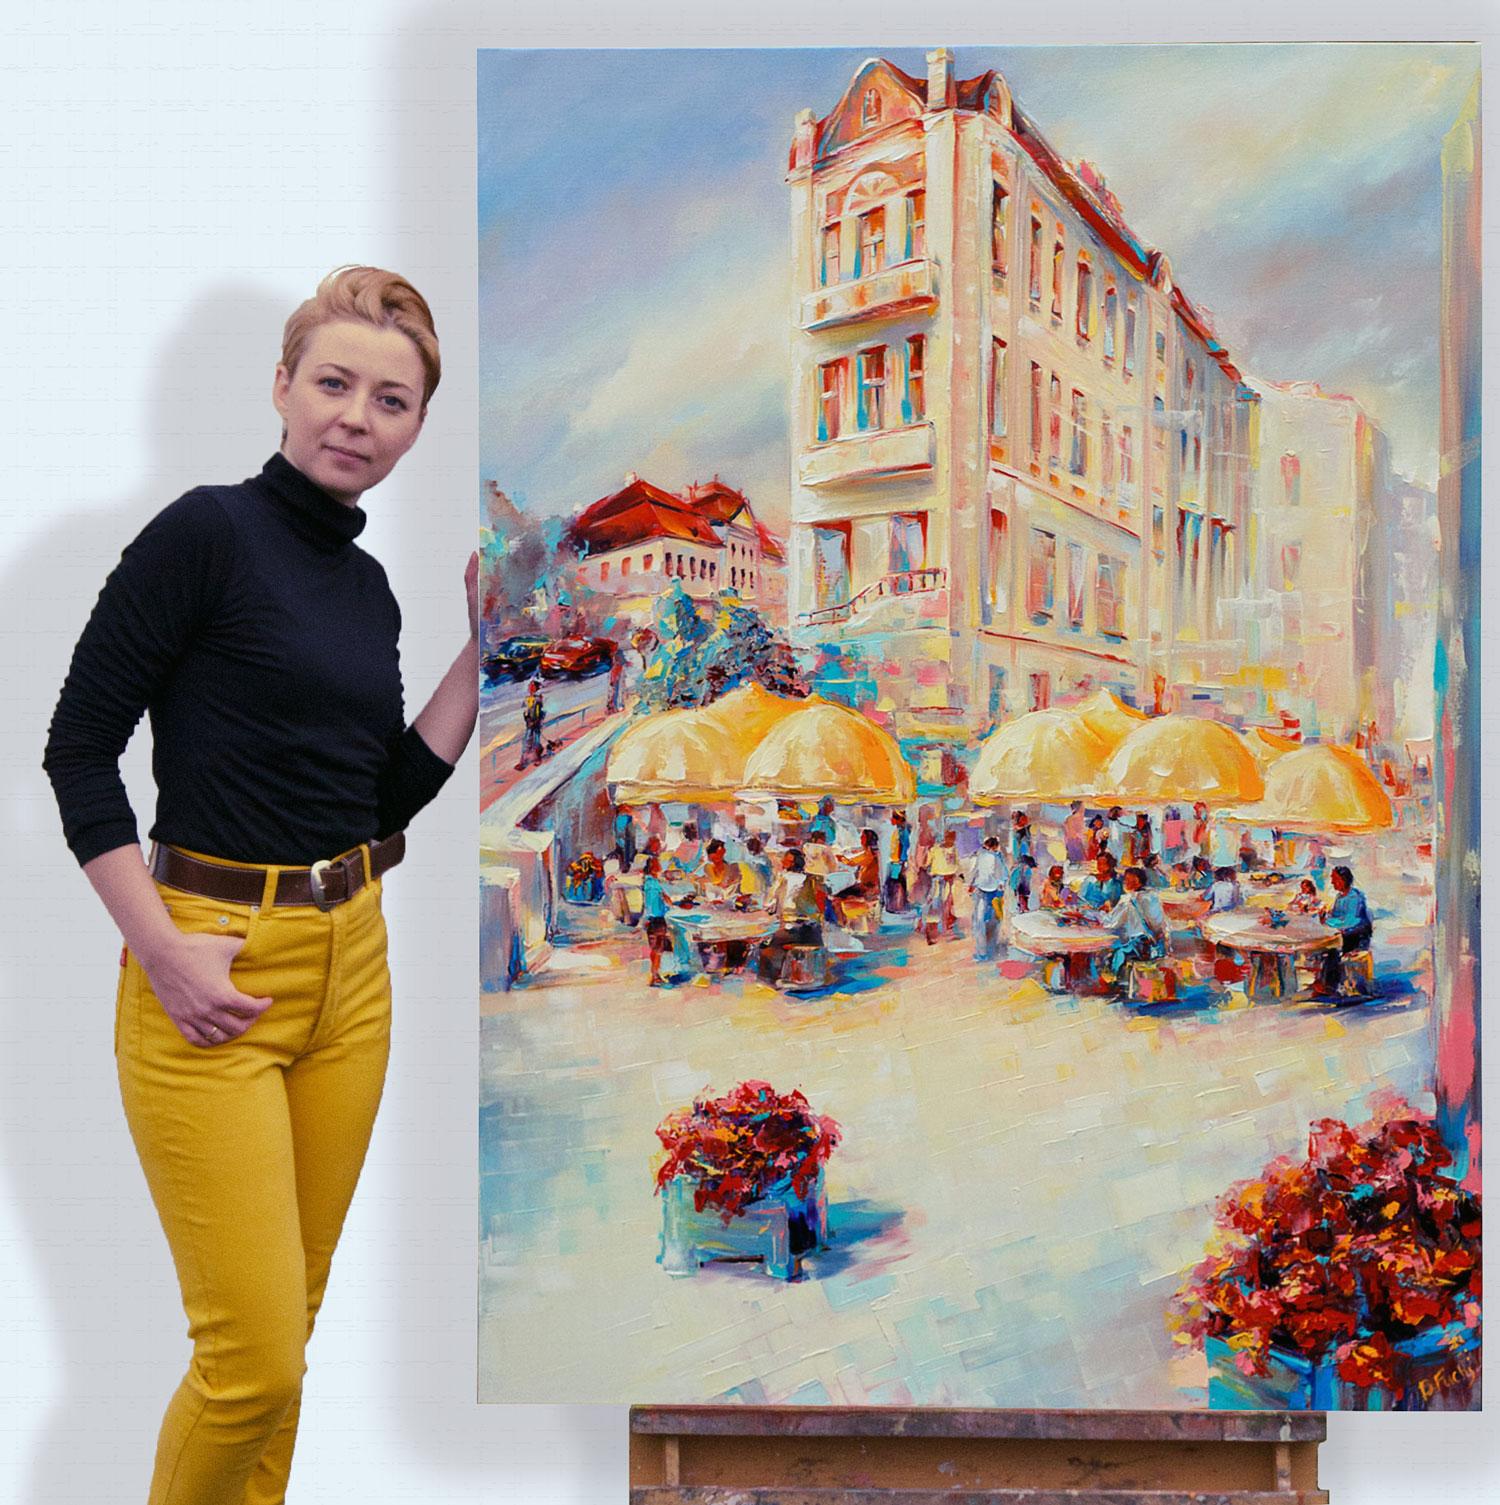 Artist Bozhena Fuchs